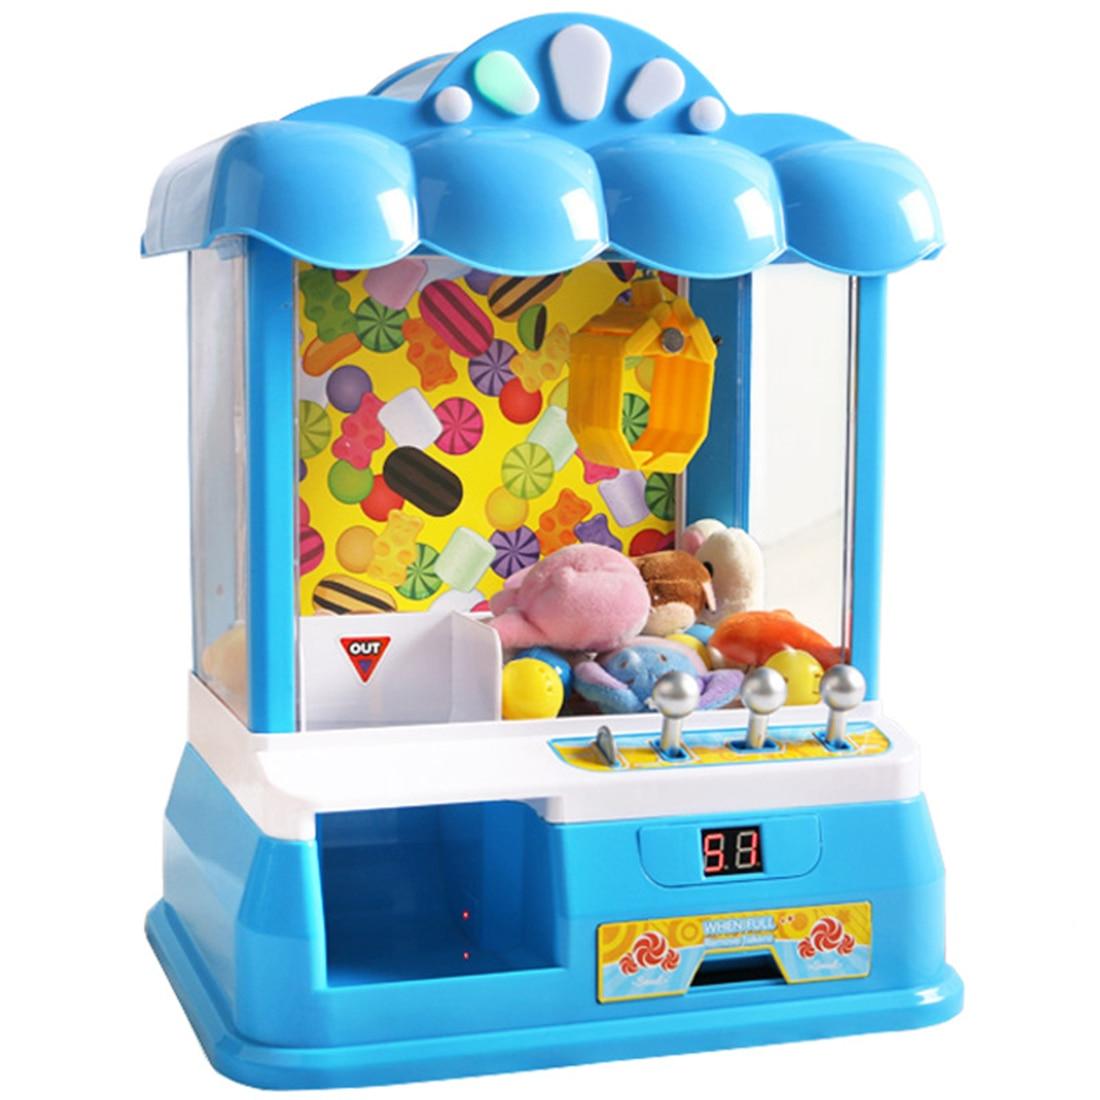 Enfants Mini bonbons Grabber bureau reharging jouet griffe Machine Arcade prix jeu amusant attraper Grabber nouveauté et Gag jouets